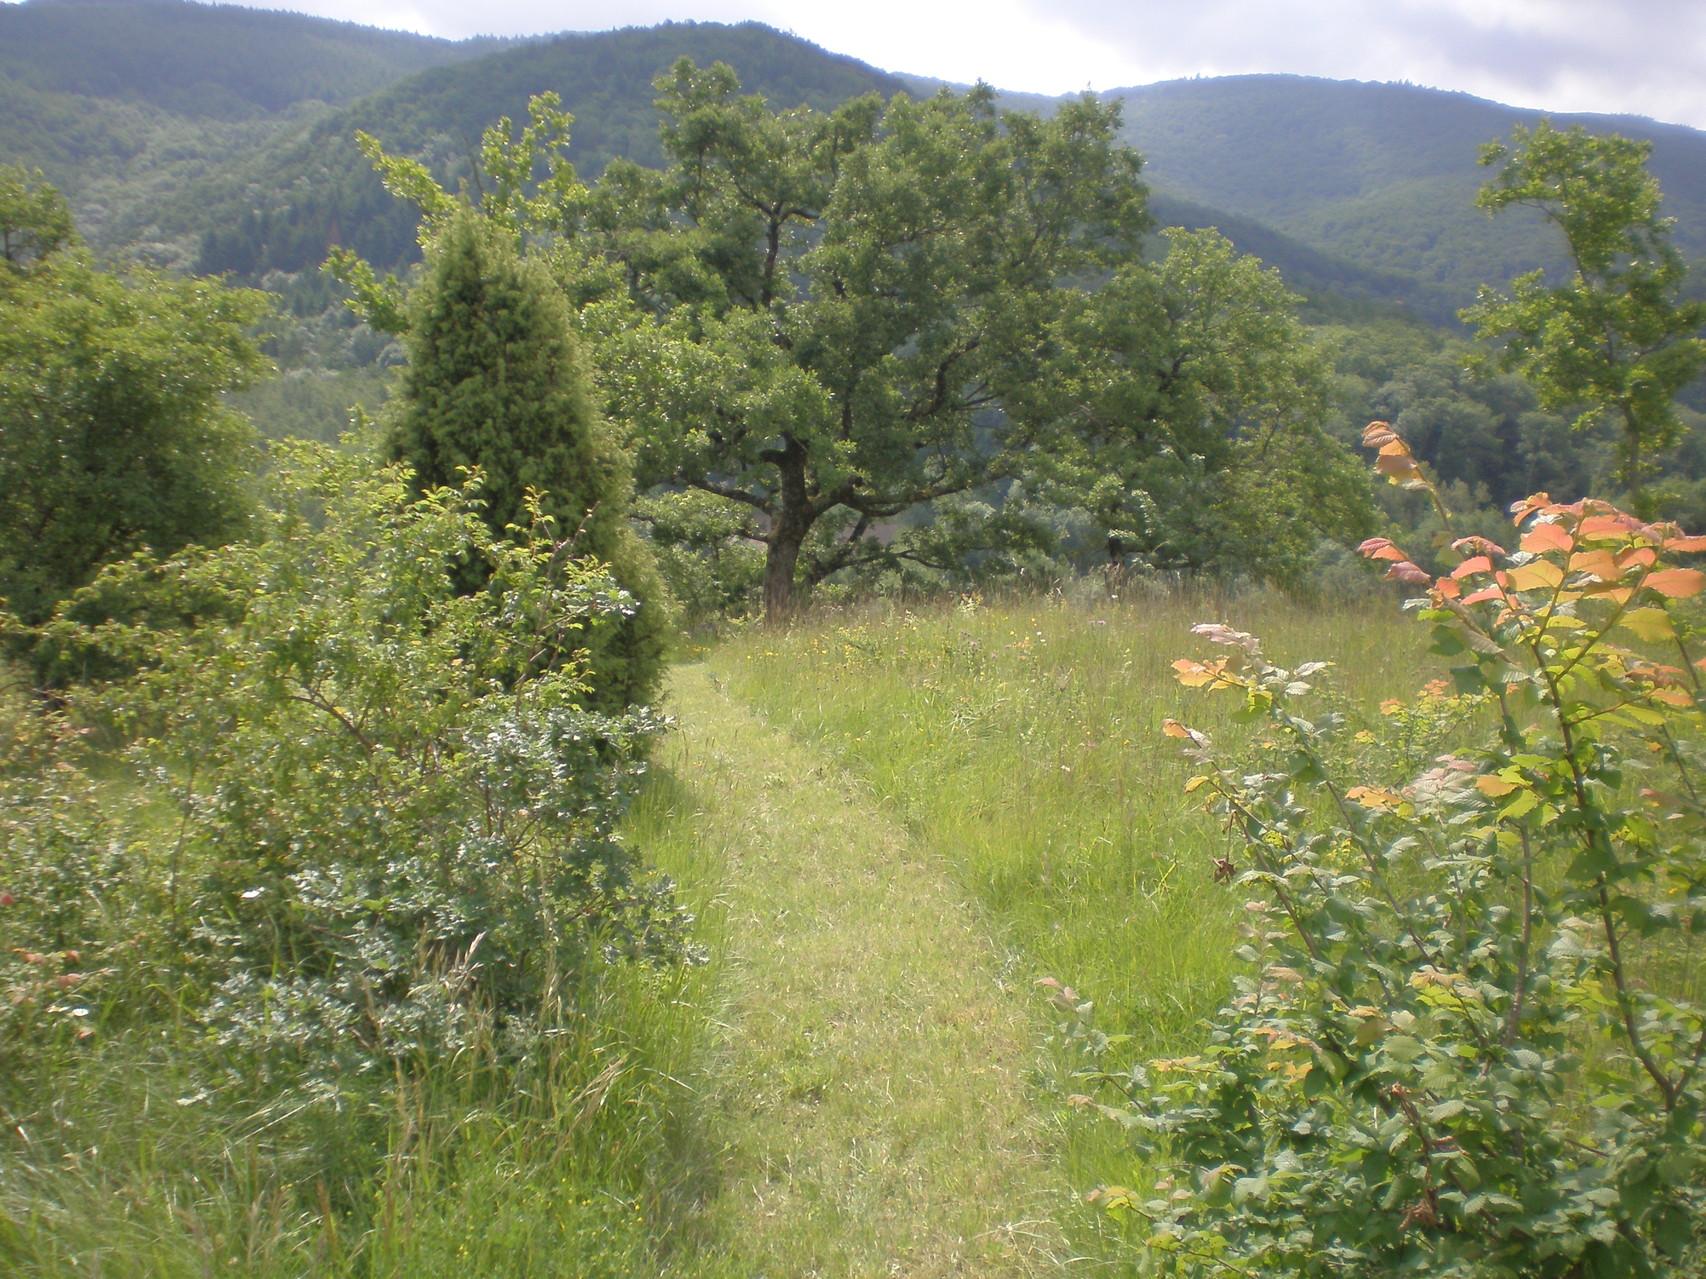 sur place randonnée botanique dans le parc naturel régional du haut languedoc